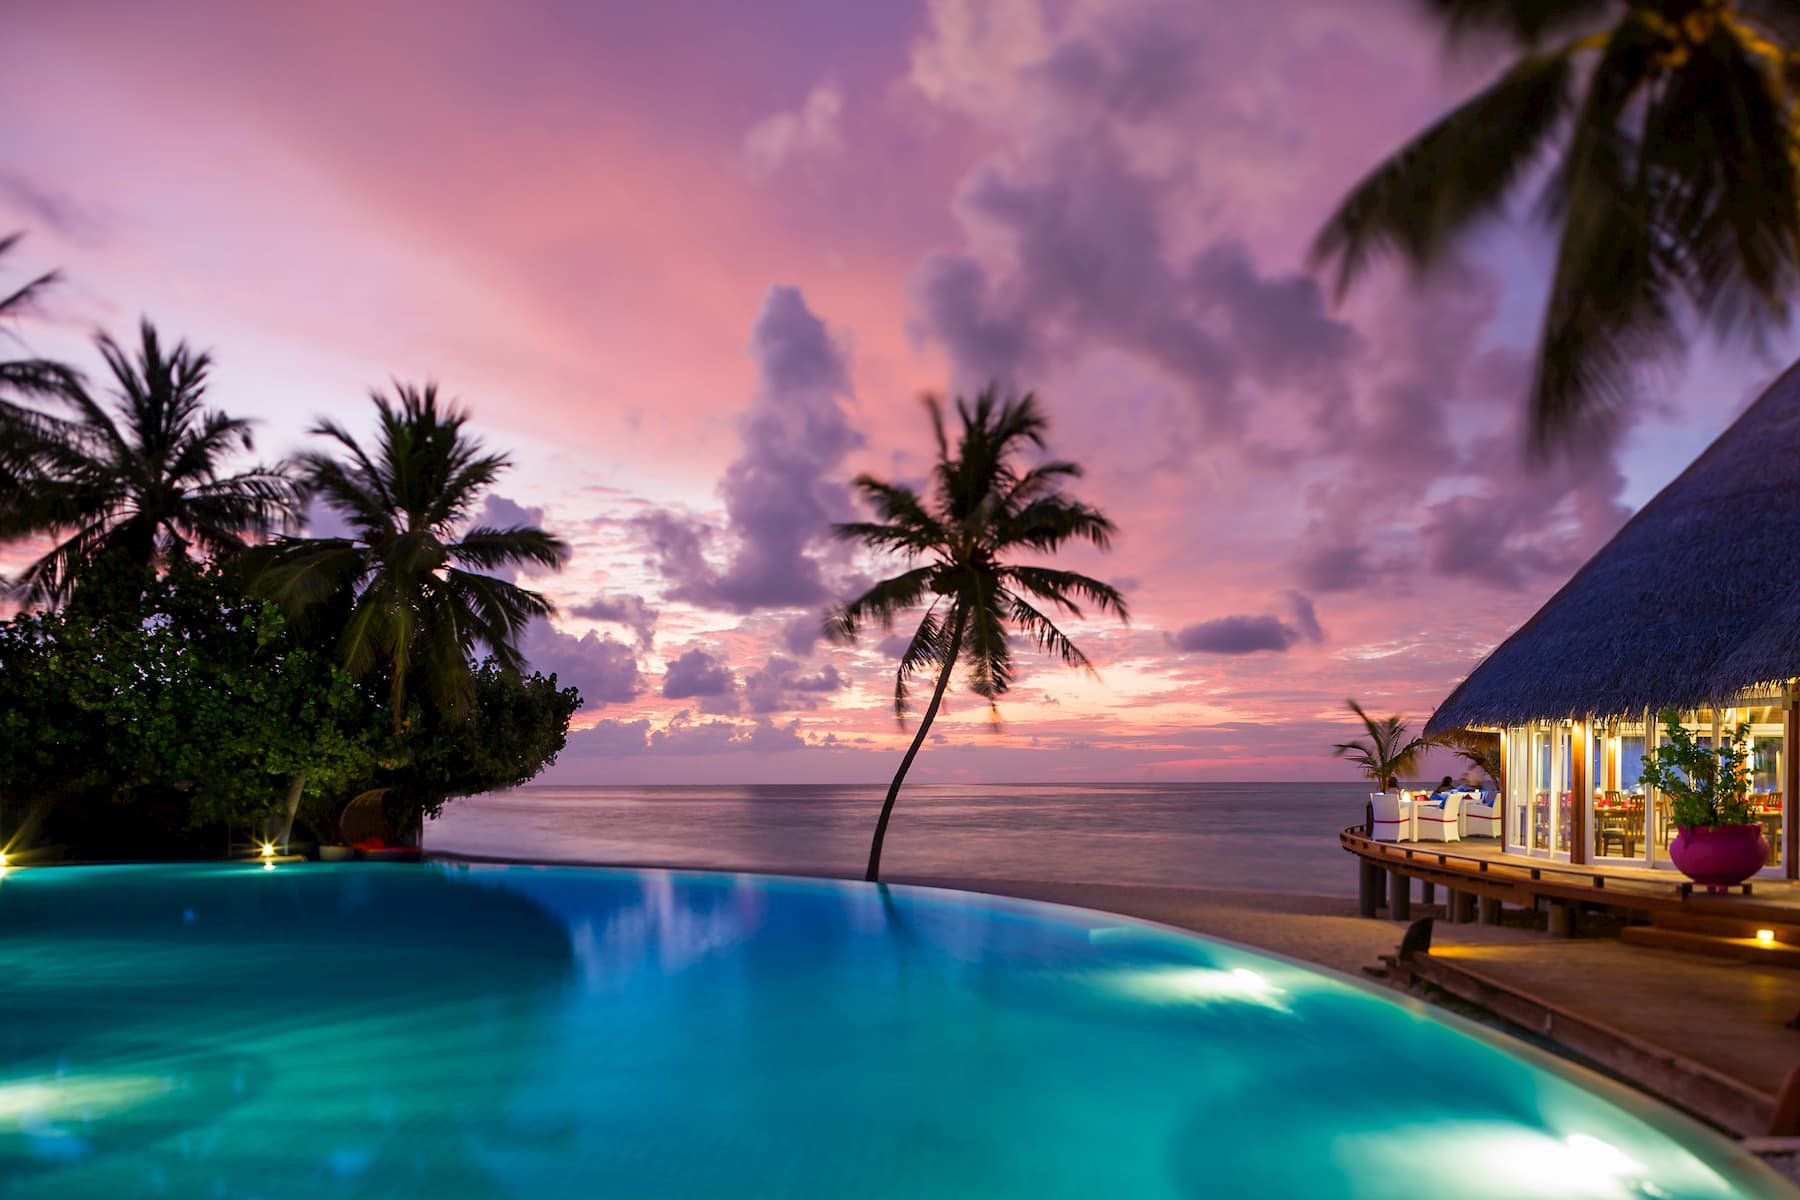 Resort Maldive Sun Aqua Vilu Reef ristorante positive energy